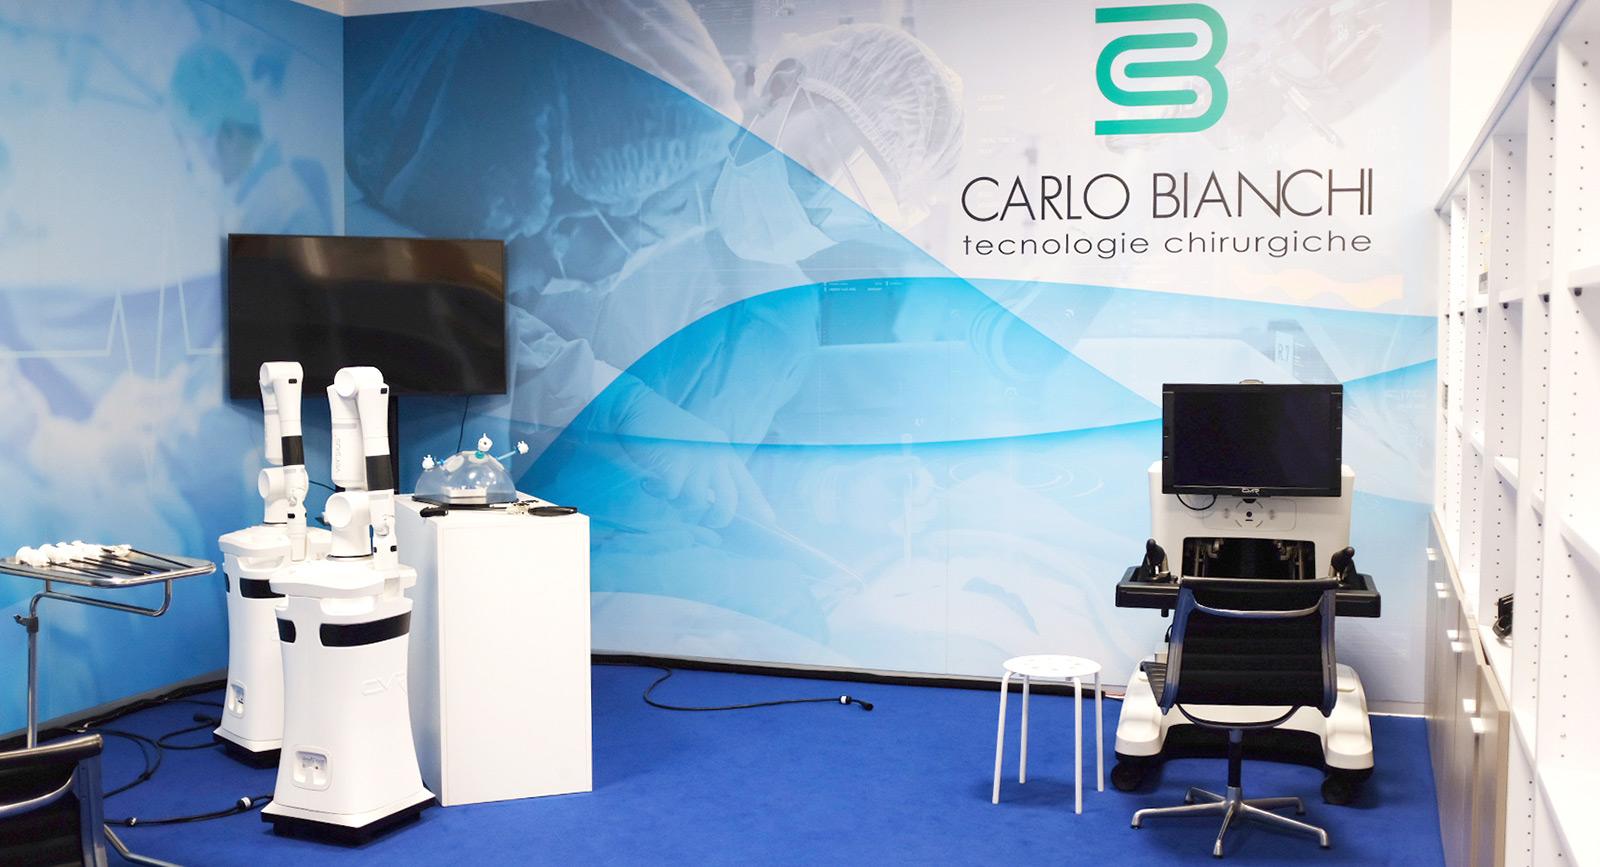 Carlo Bianchi Srl tecnologie chirurgiche